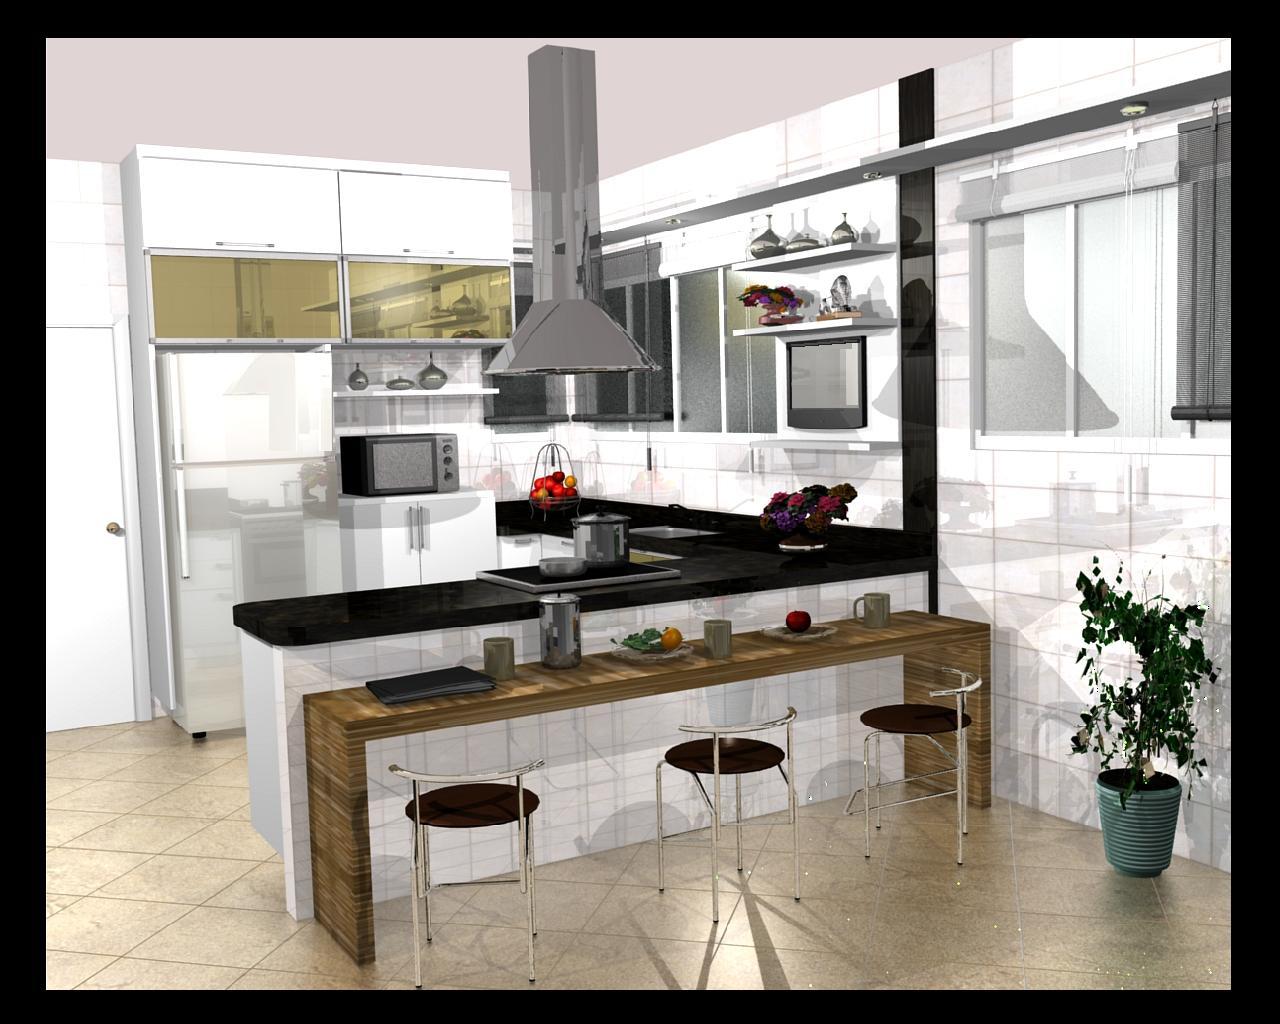 Cozinhas planejadas: Cozinhas pequenas planejadas #61492D 1280 1024